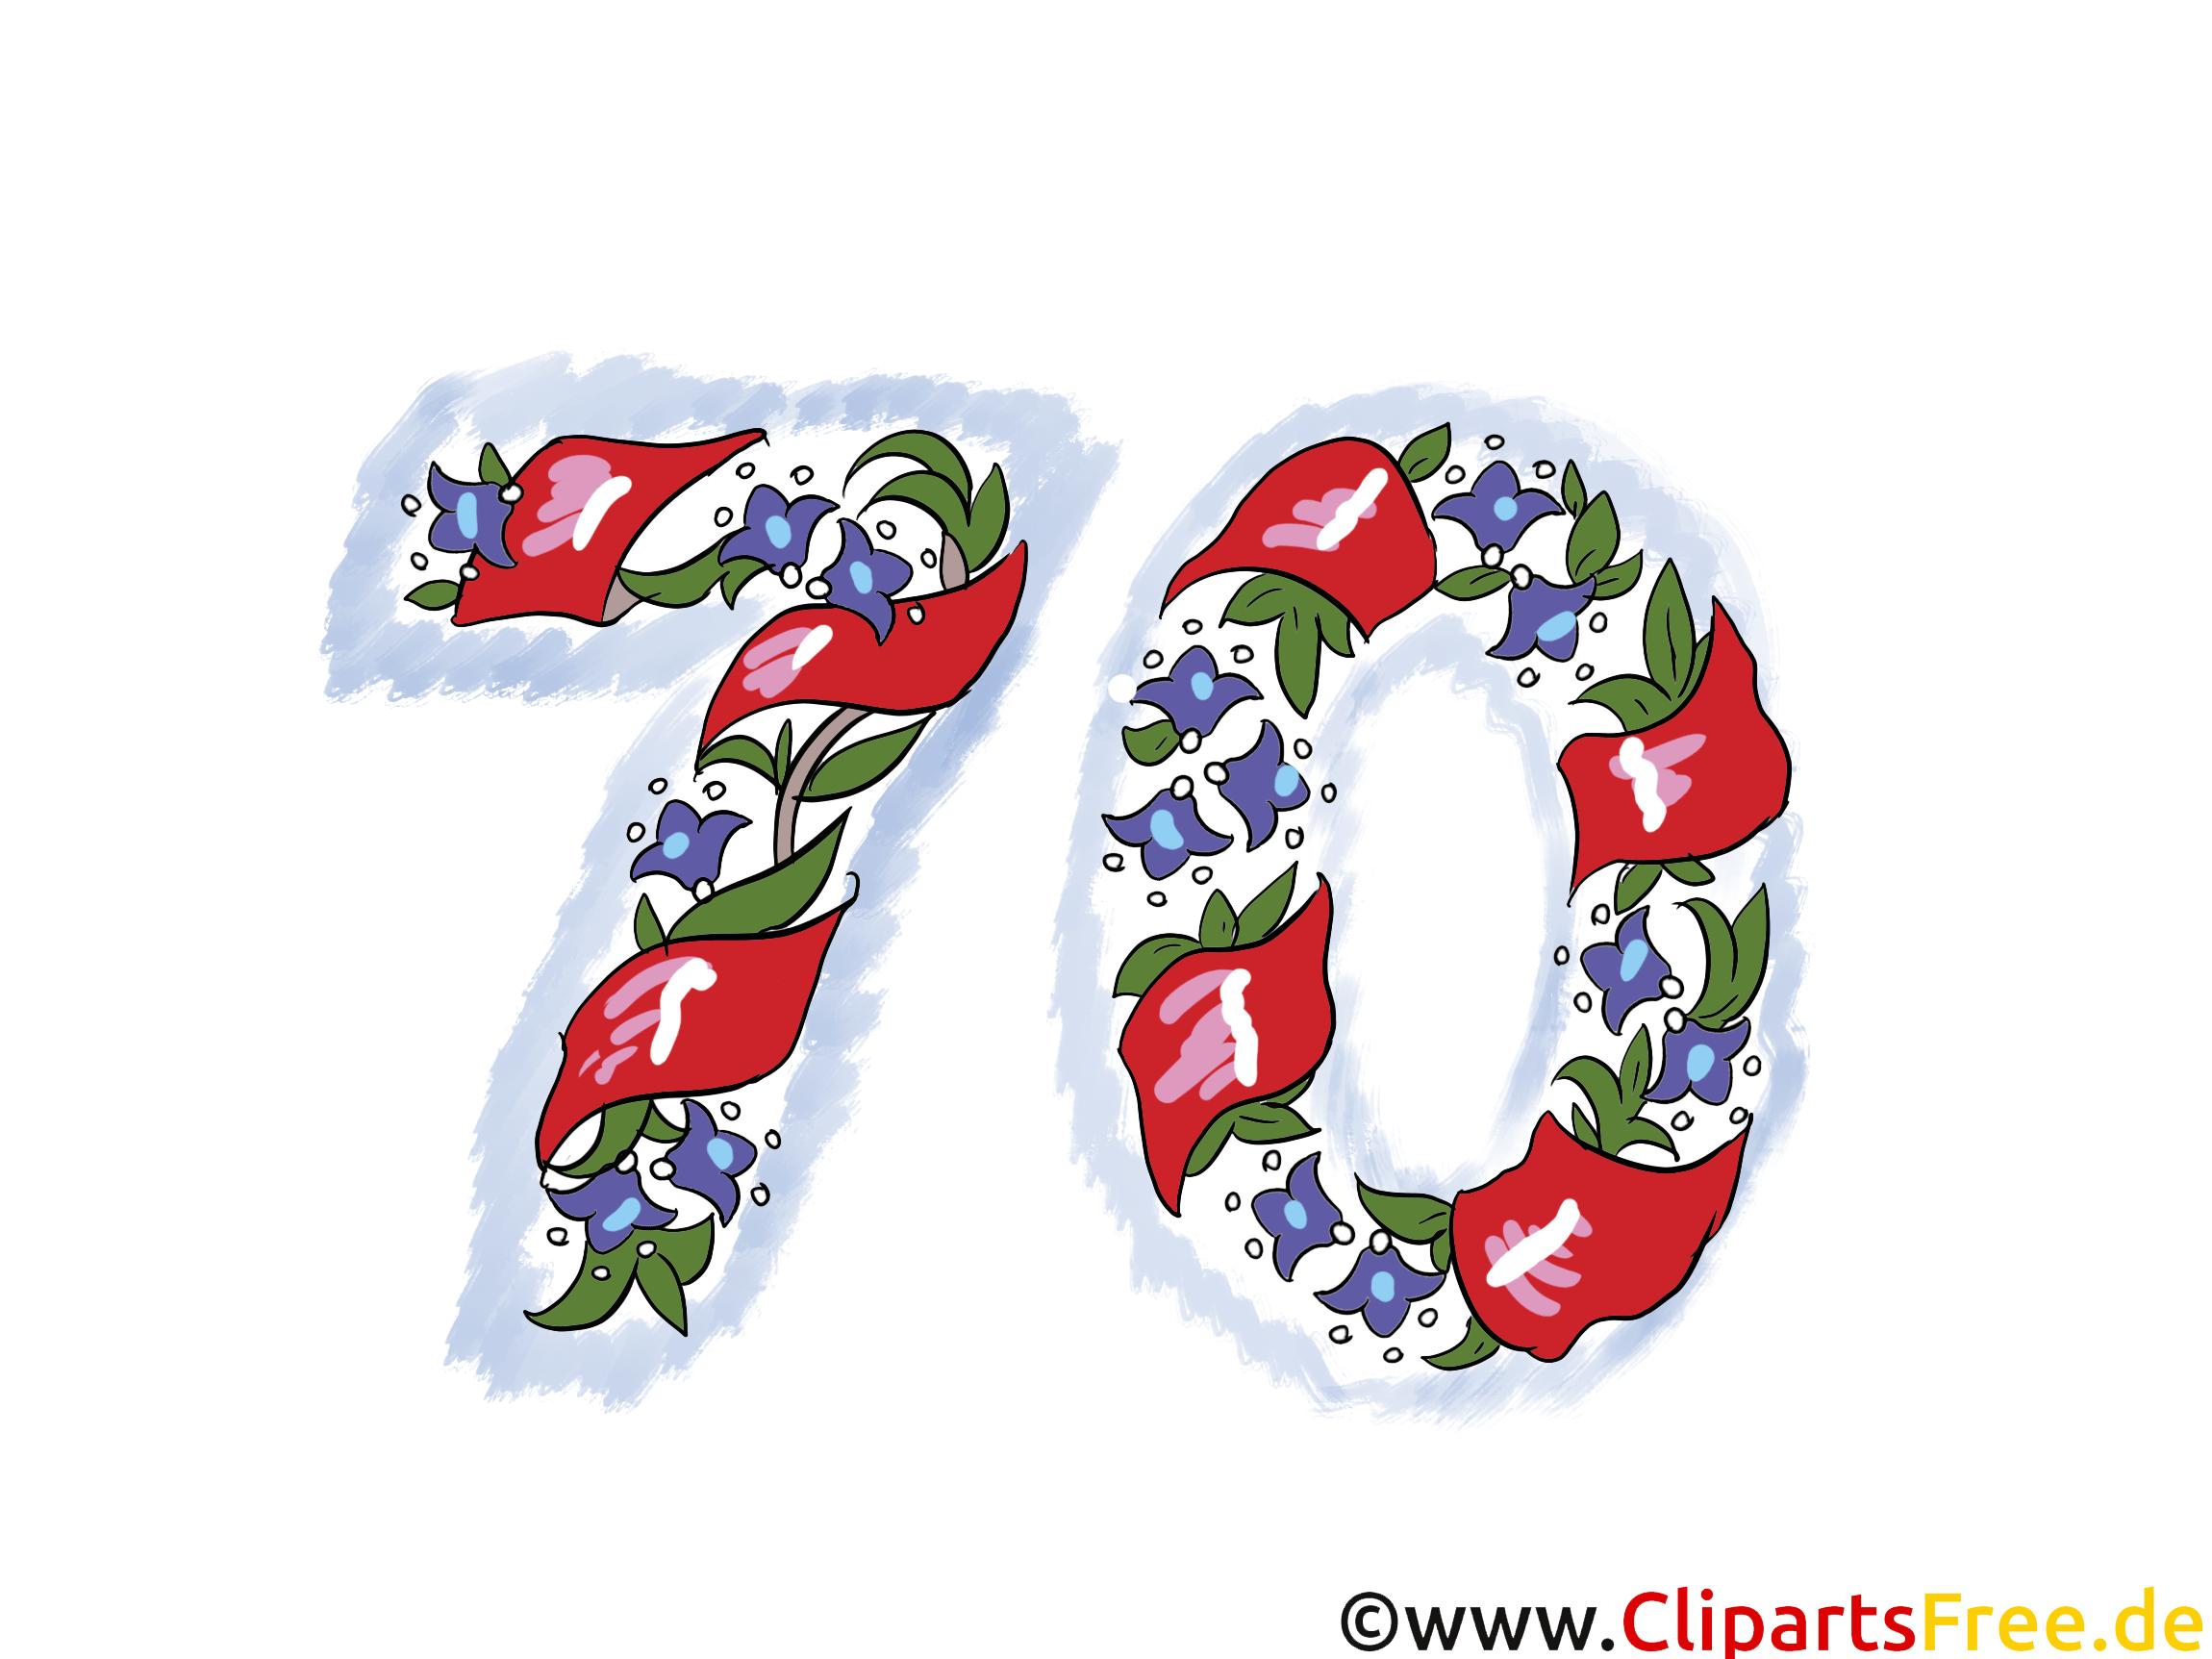 Geburtstag Wünsche 70 Jahre - Clipart Vorlage für Wunschkarte, Einladung, Danksagung